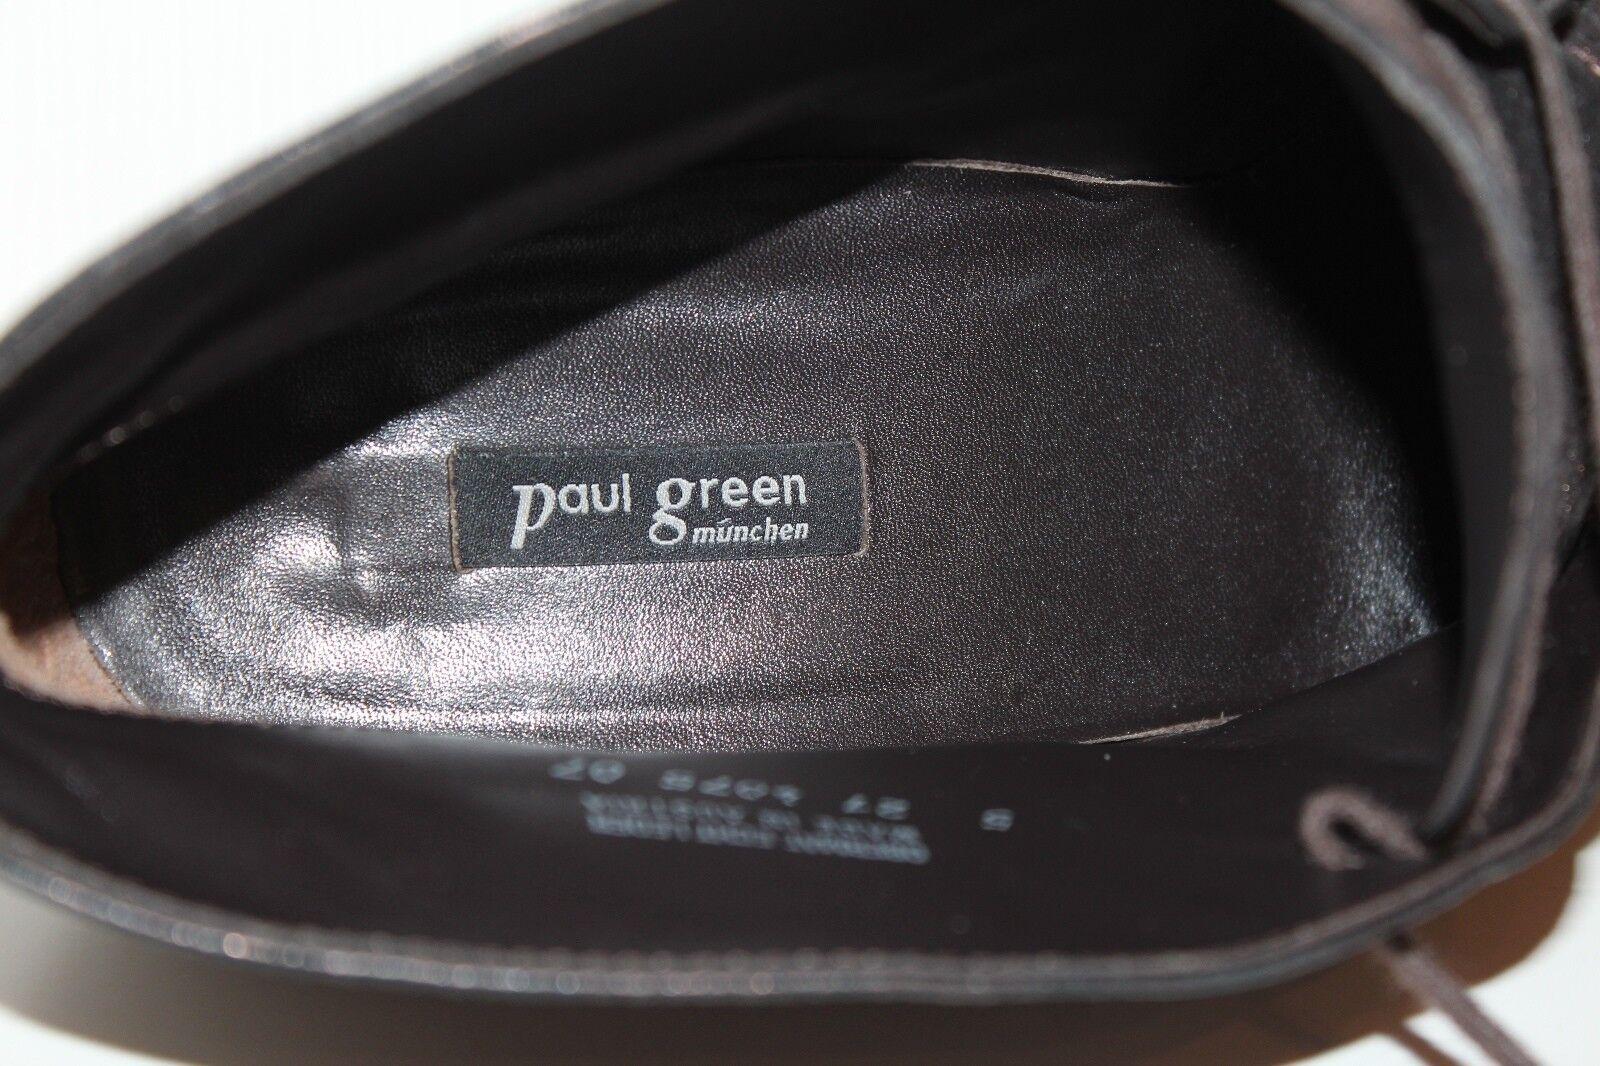 Gabor señora schnürzapatos Lace up botines zapatos zapatos zapatos 39 cuero Leather zapatos 5.5 8038c2